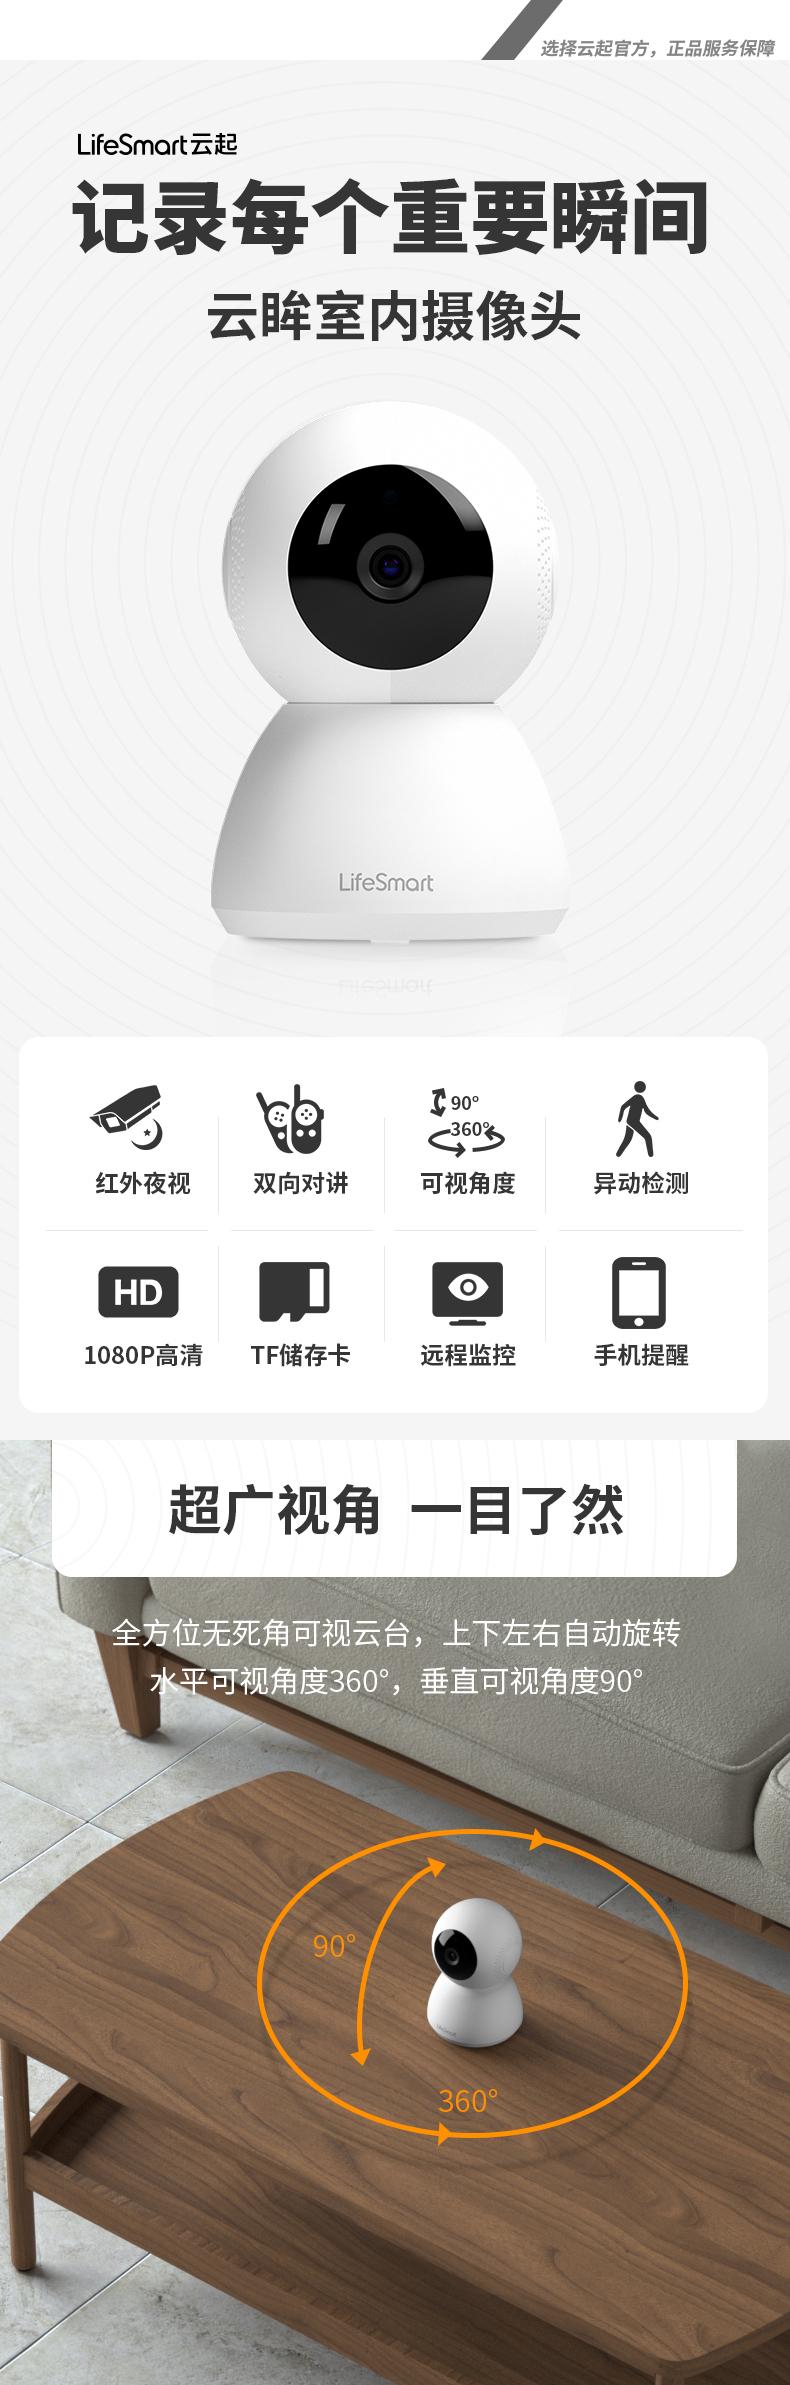 昆明LifeSmart云眸监控无线WiFi家用远程控制高清夜视摄像头 云起智能